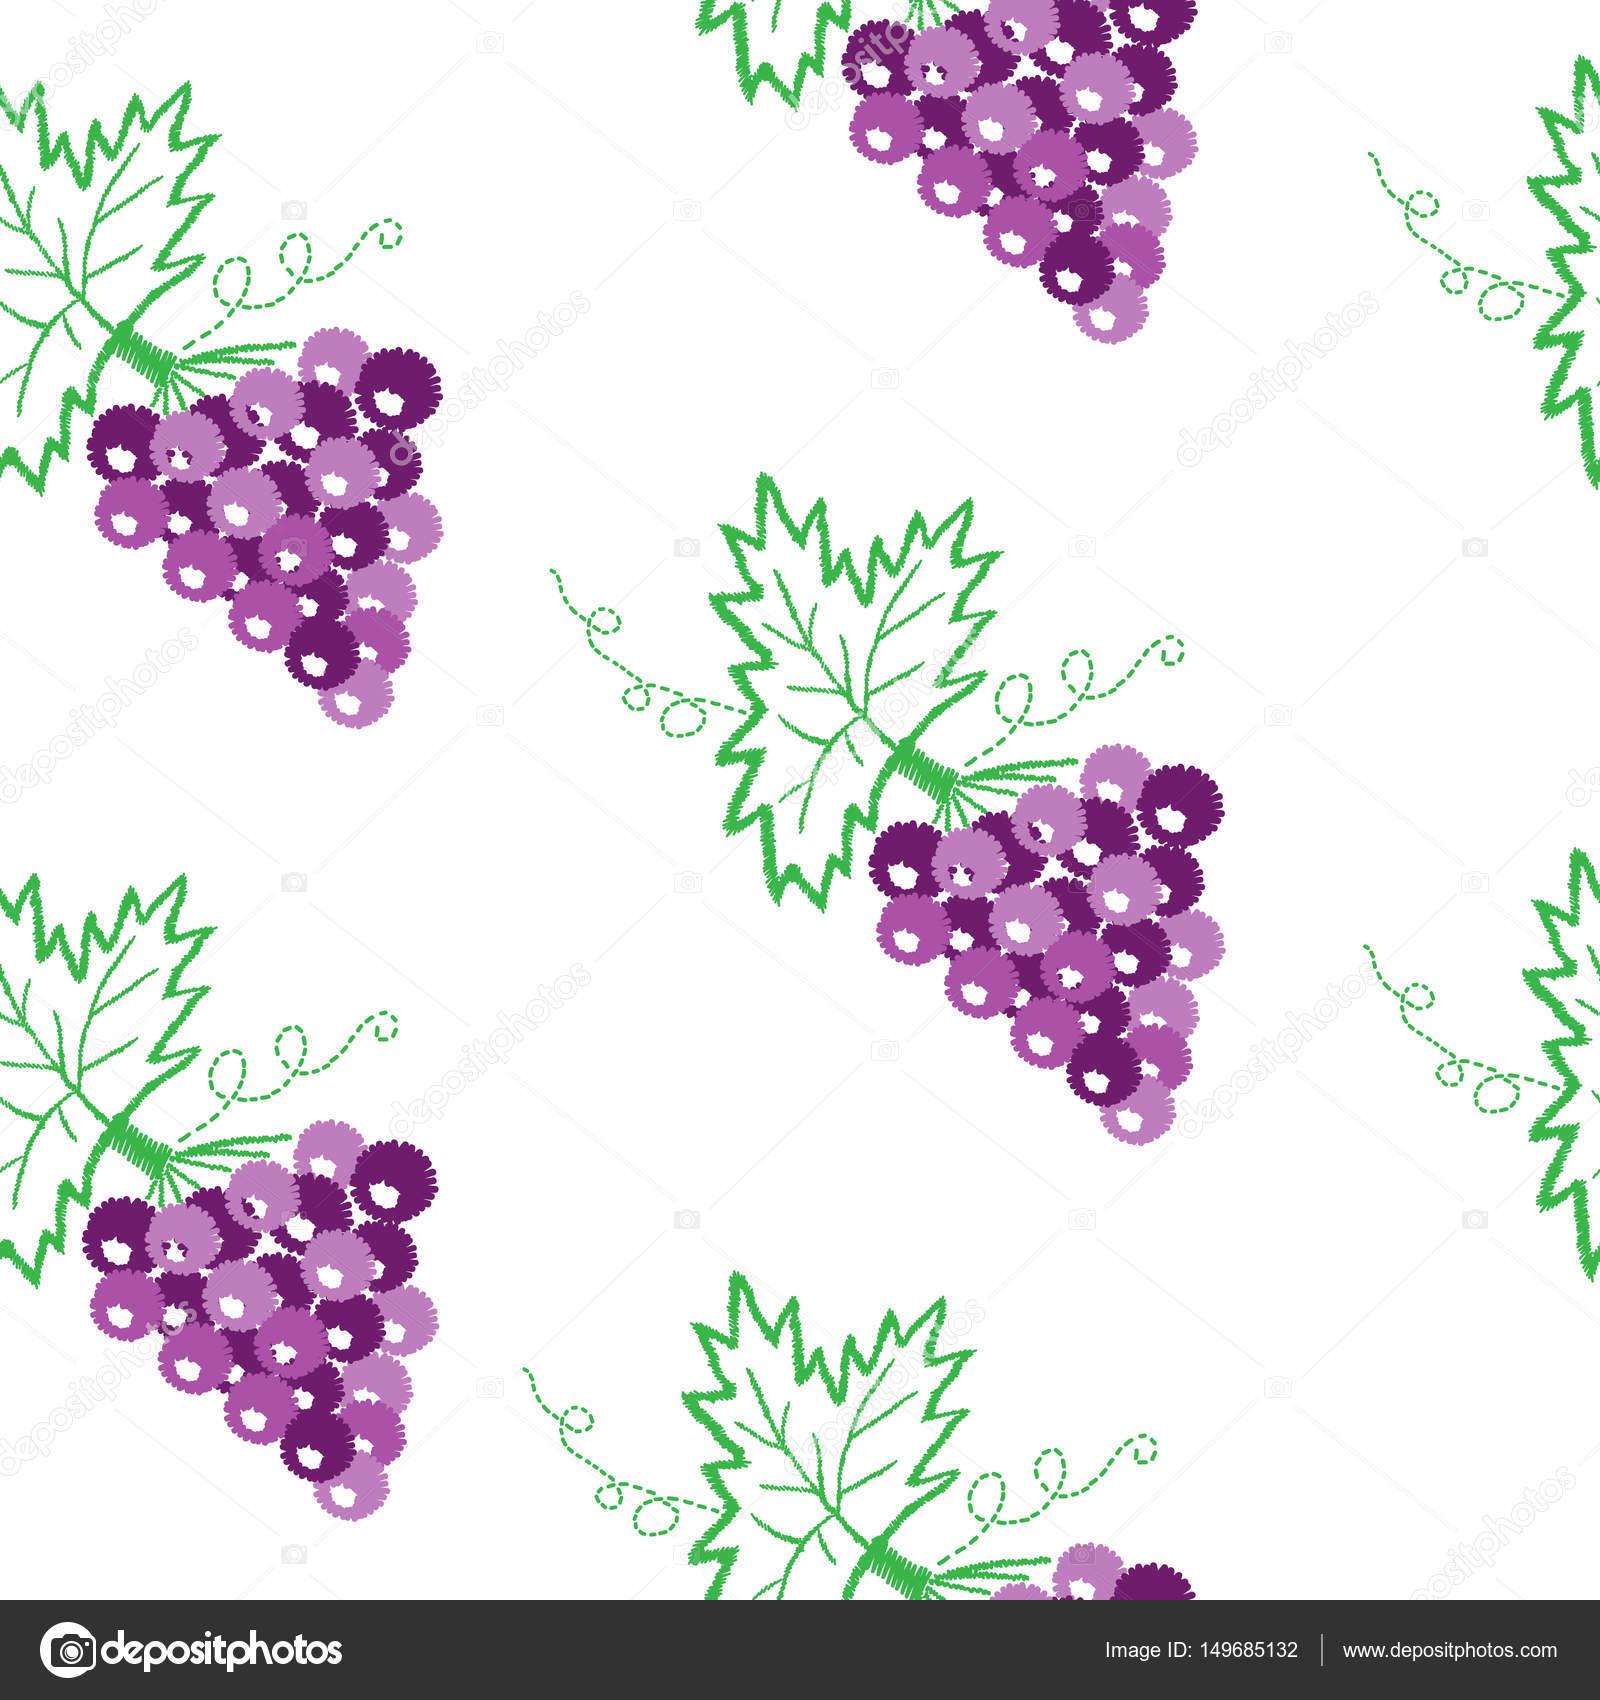 Vid con uvas y hojas de puntadas de bordado patrones sin fisuras ...